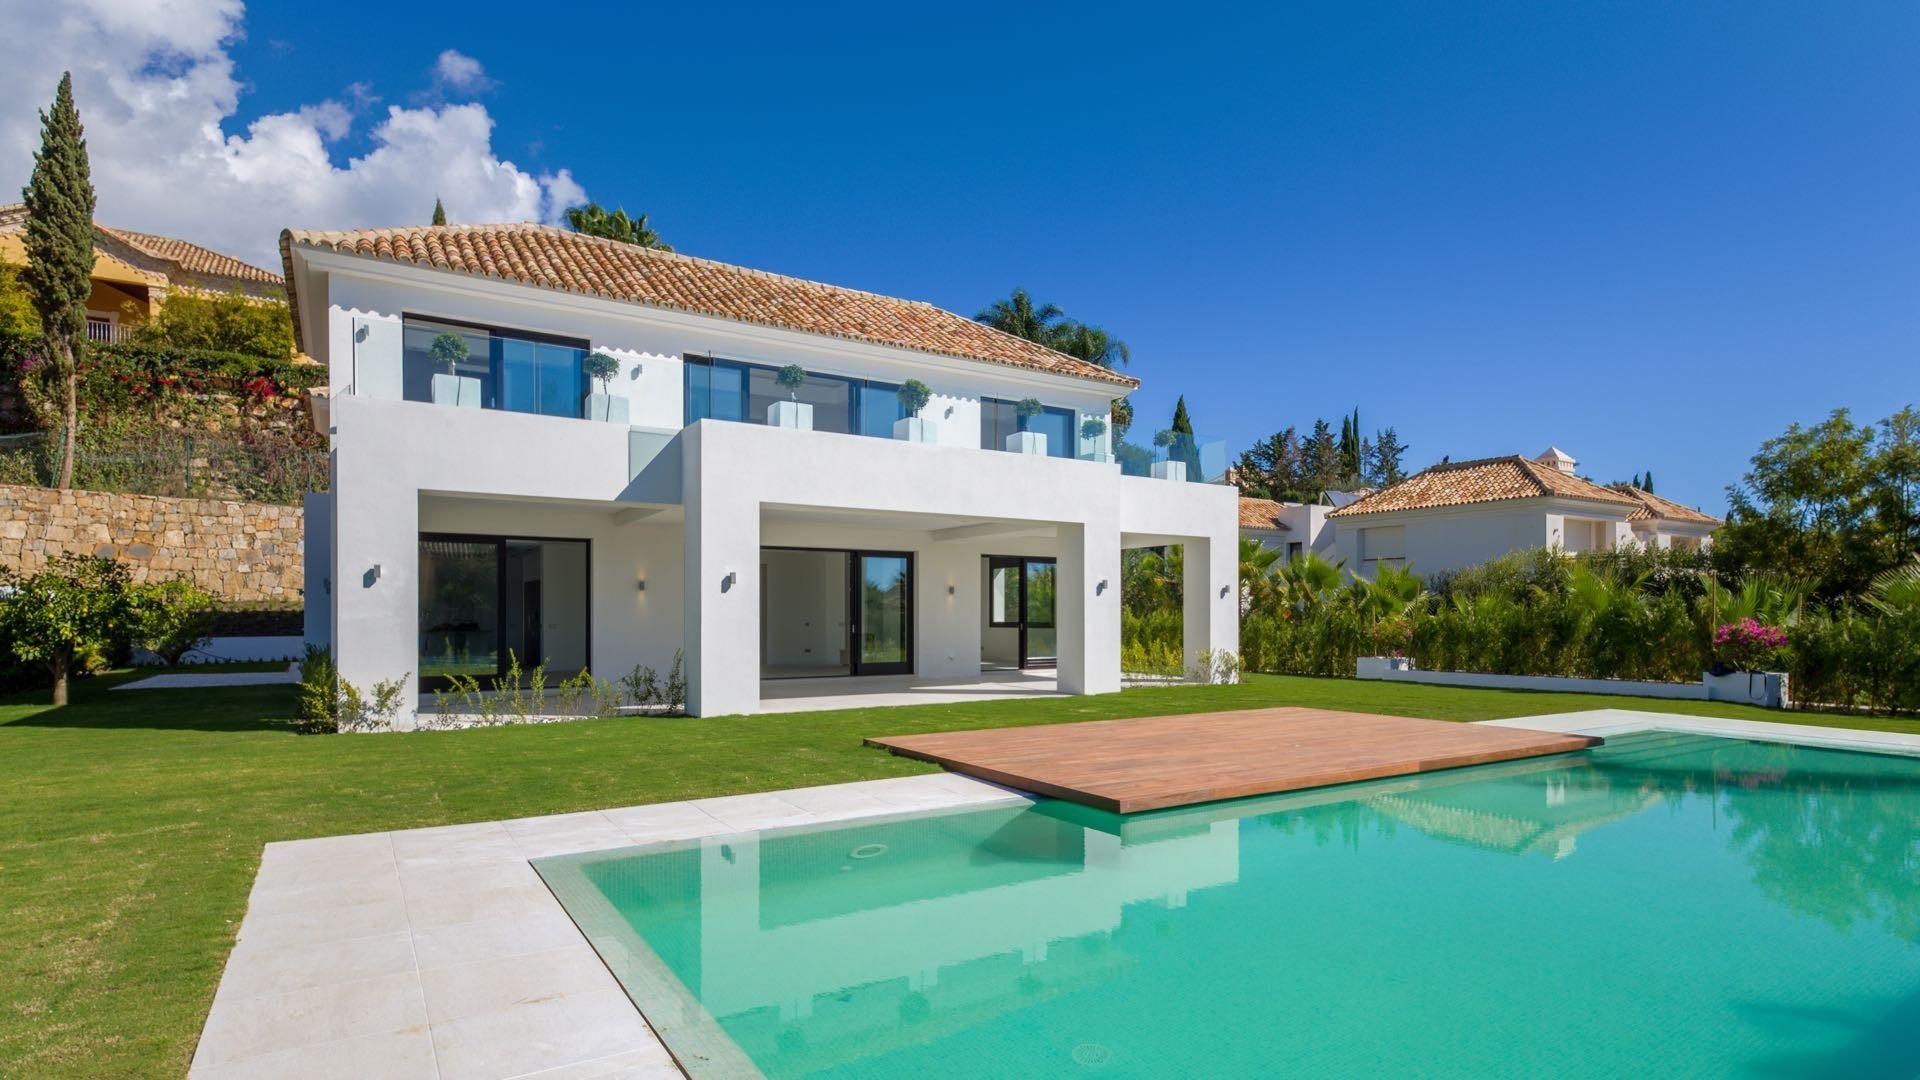 Marbella, un segundo hogar para los ricos y famosos